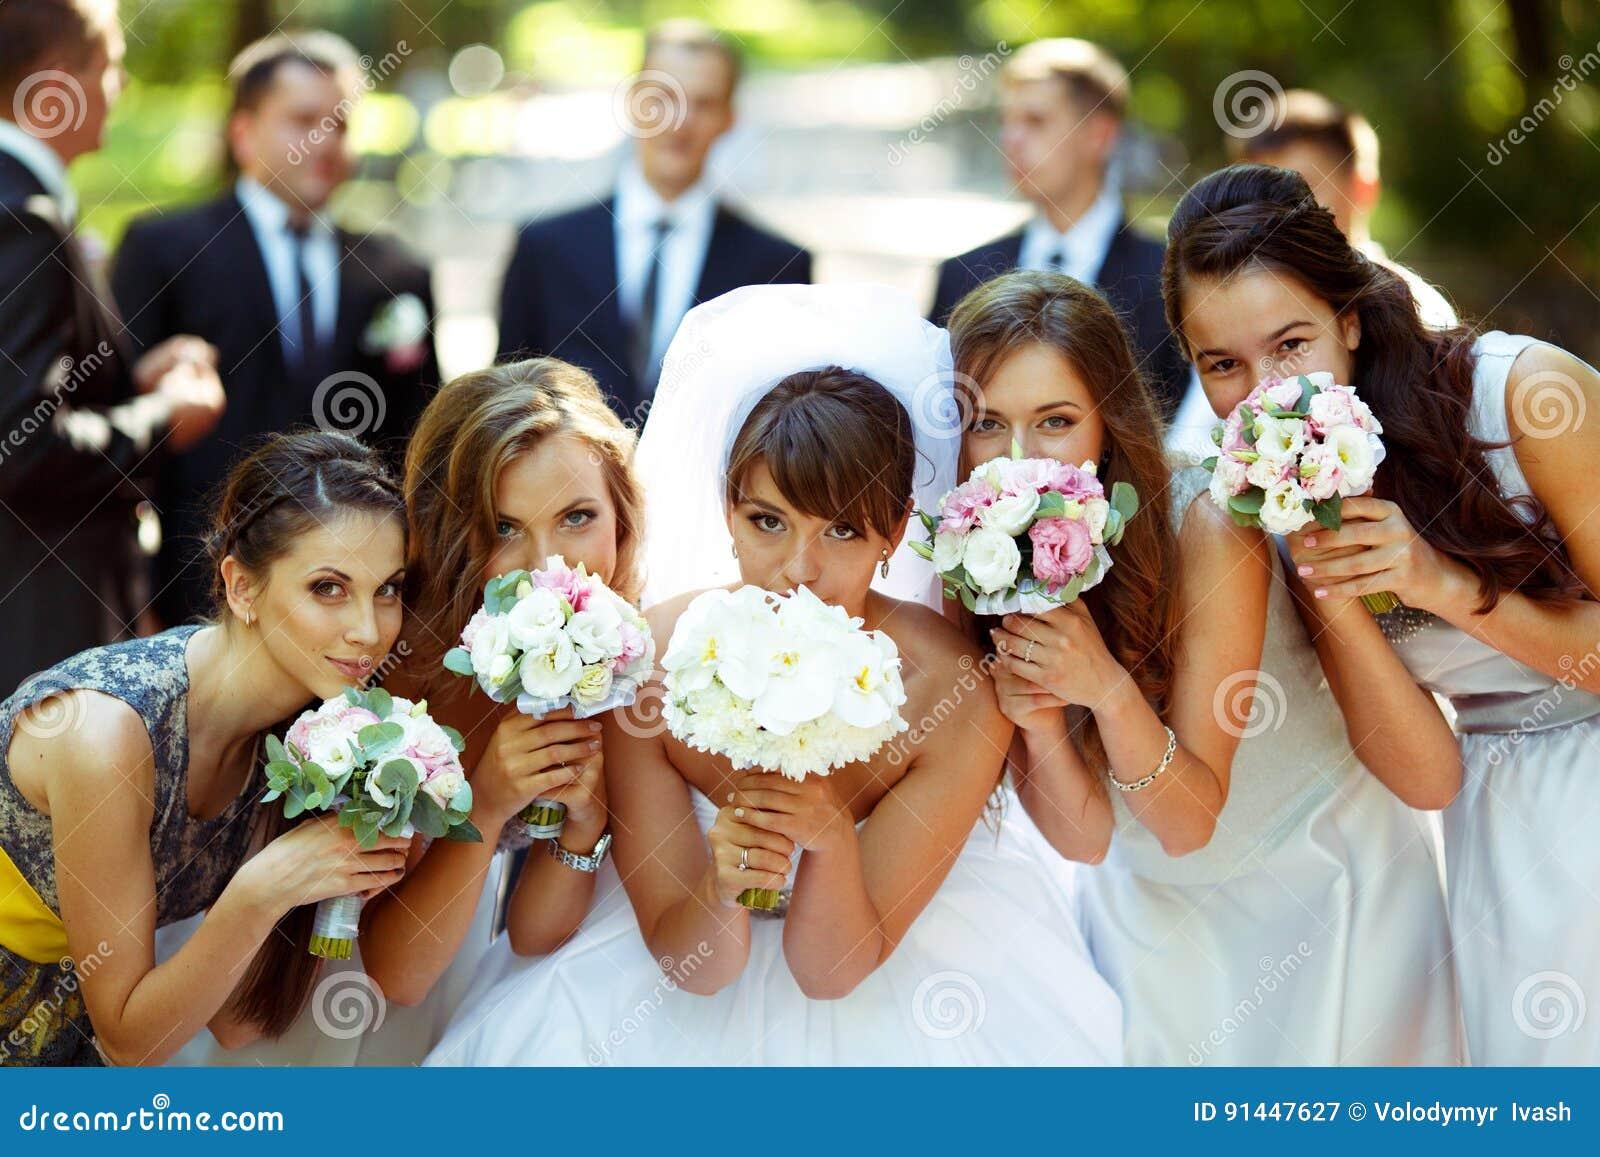 De meisjes en de bruid stellen met huwelijksboeketten terwijl bruidegom en bruidegom